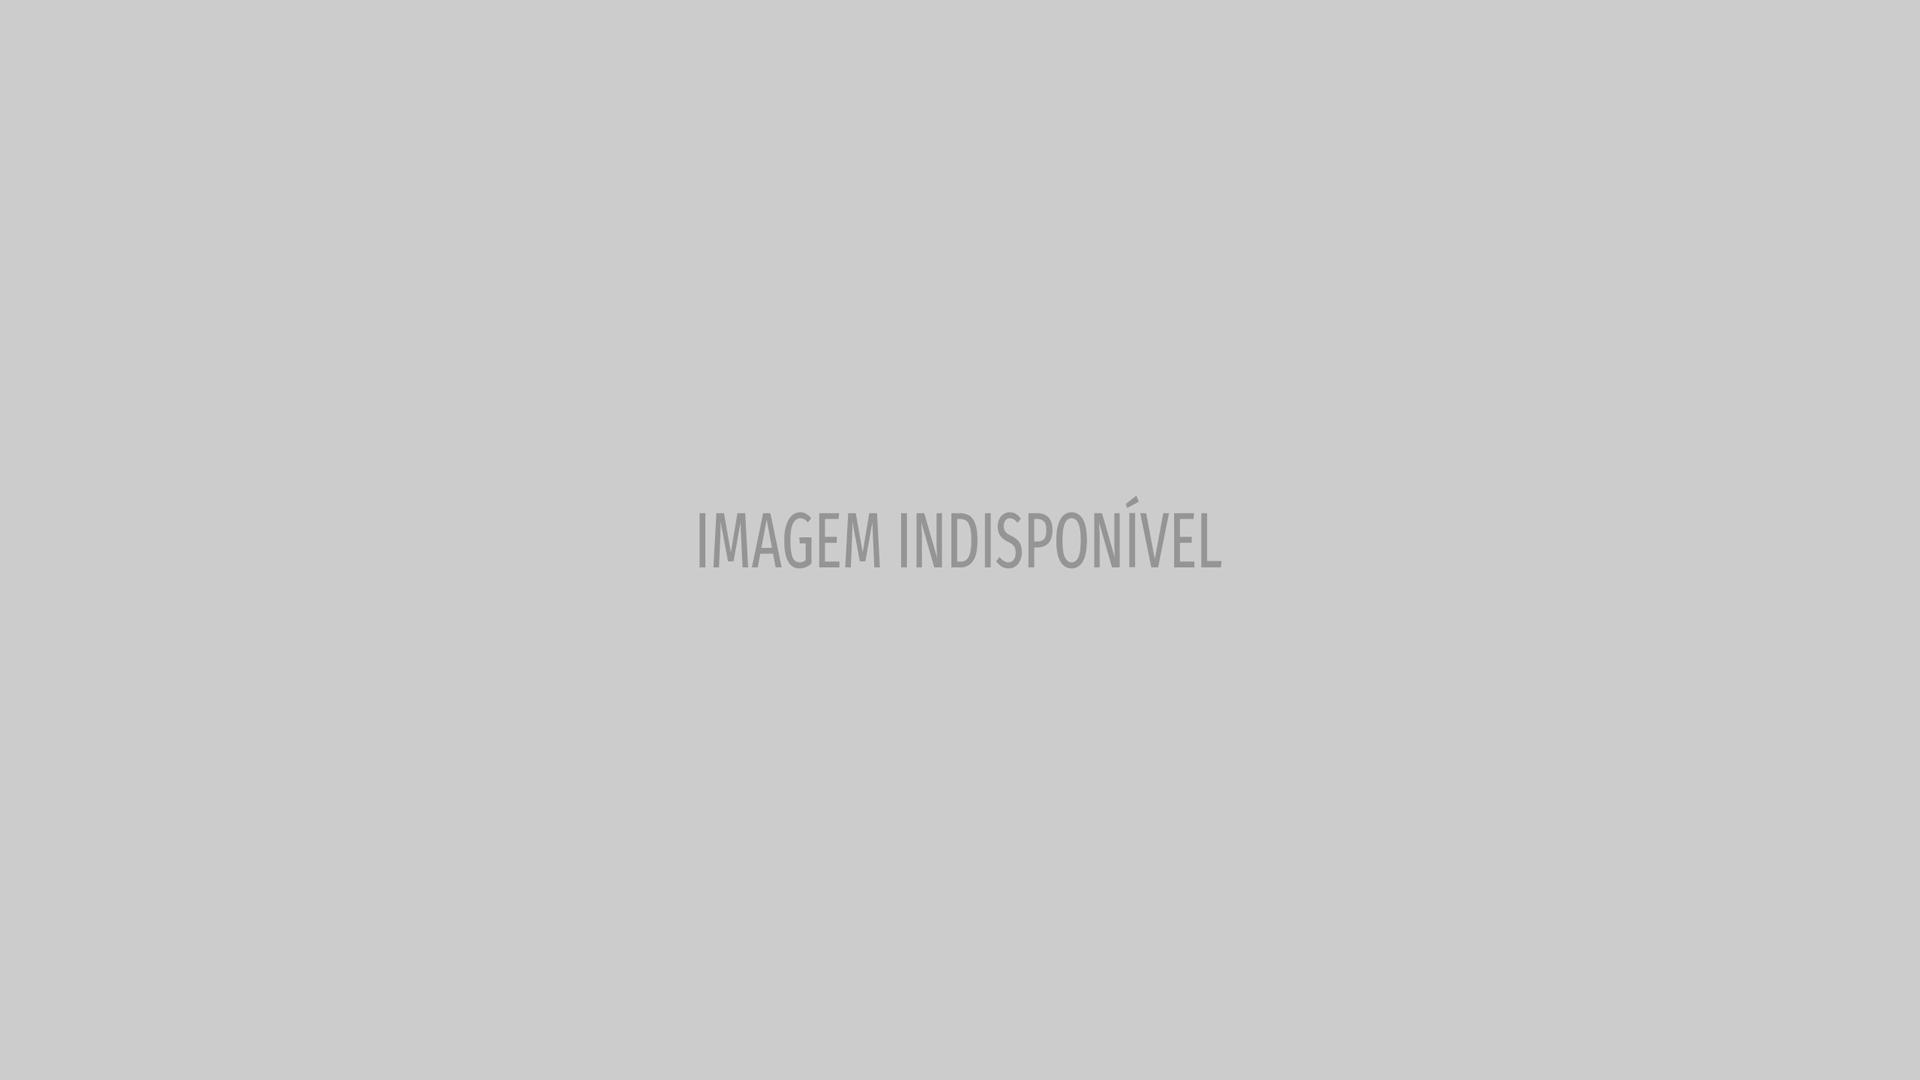 Daniel Alves reitera crítica a Maradona e dispara: 'Não gosto dele'